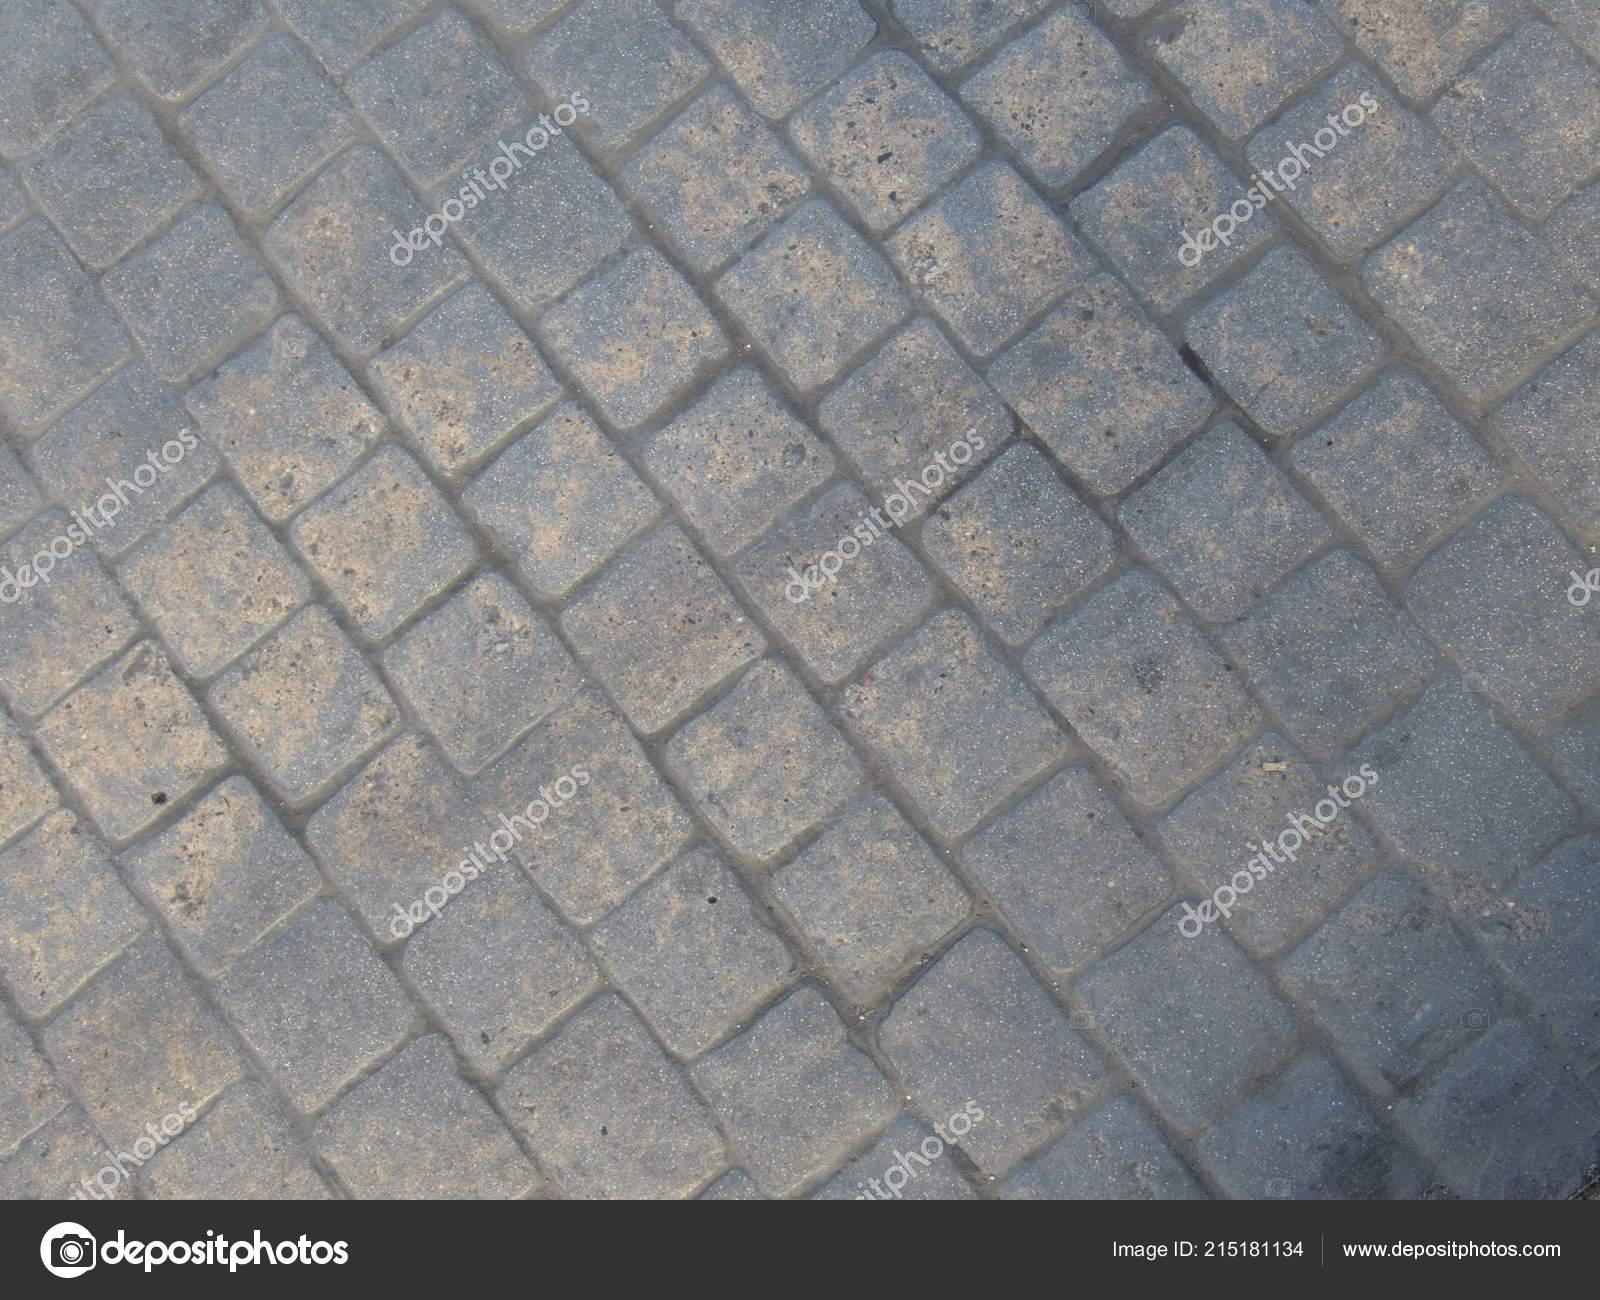 Dettaglio della struttura pavimento piastrelle cemento u foto